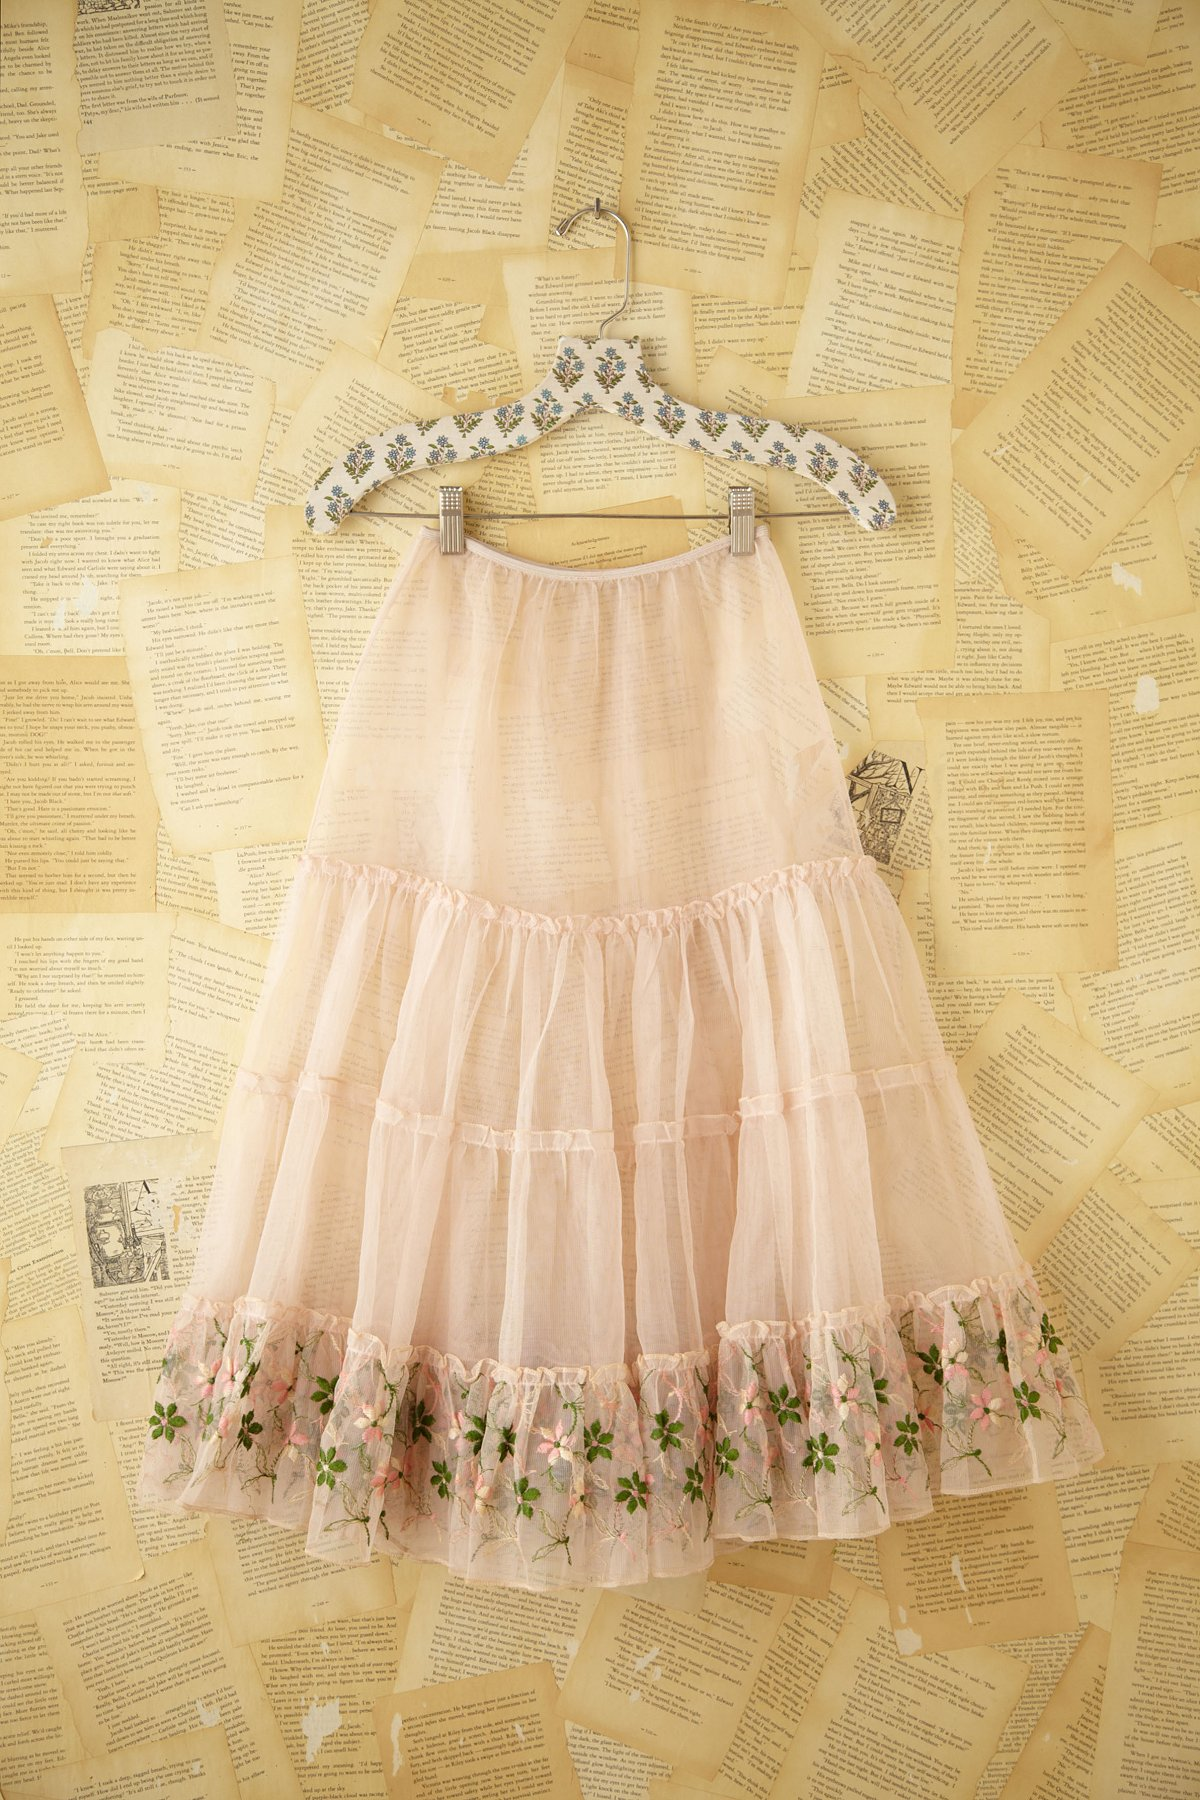 Vintage Tulle Skirt